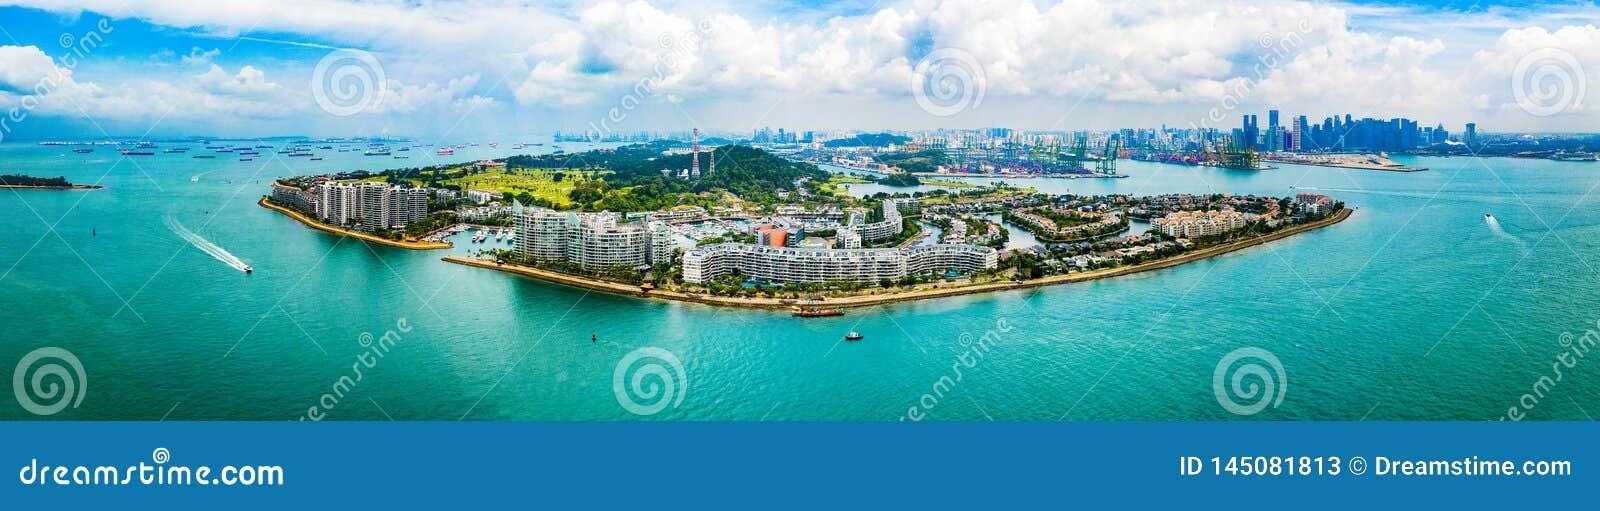 Остров Сингапур Sentosa - шаловливость